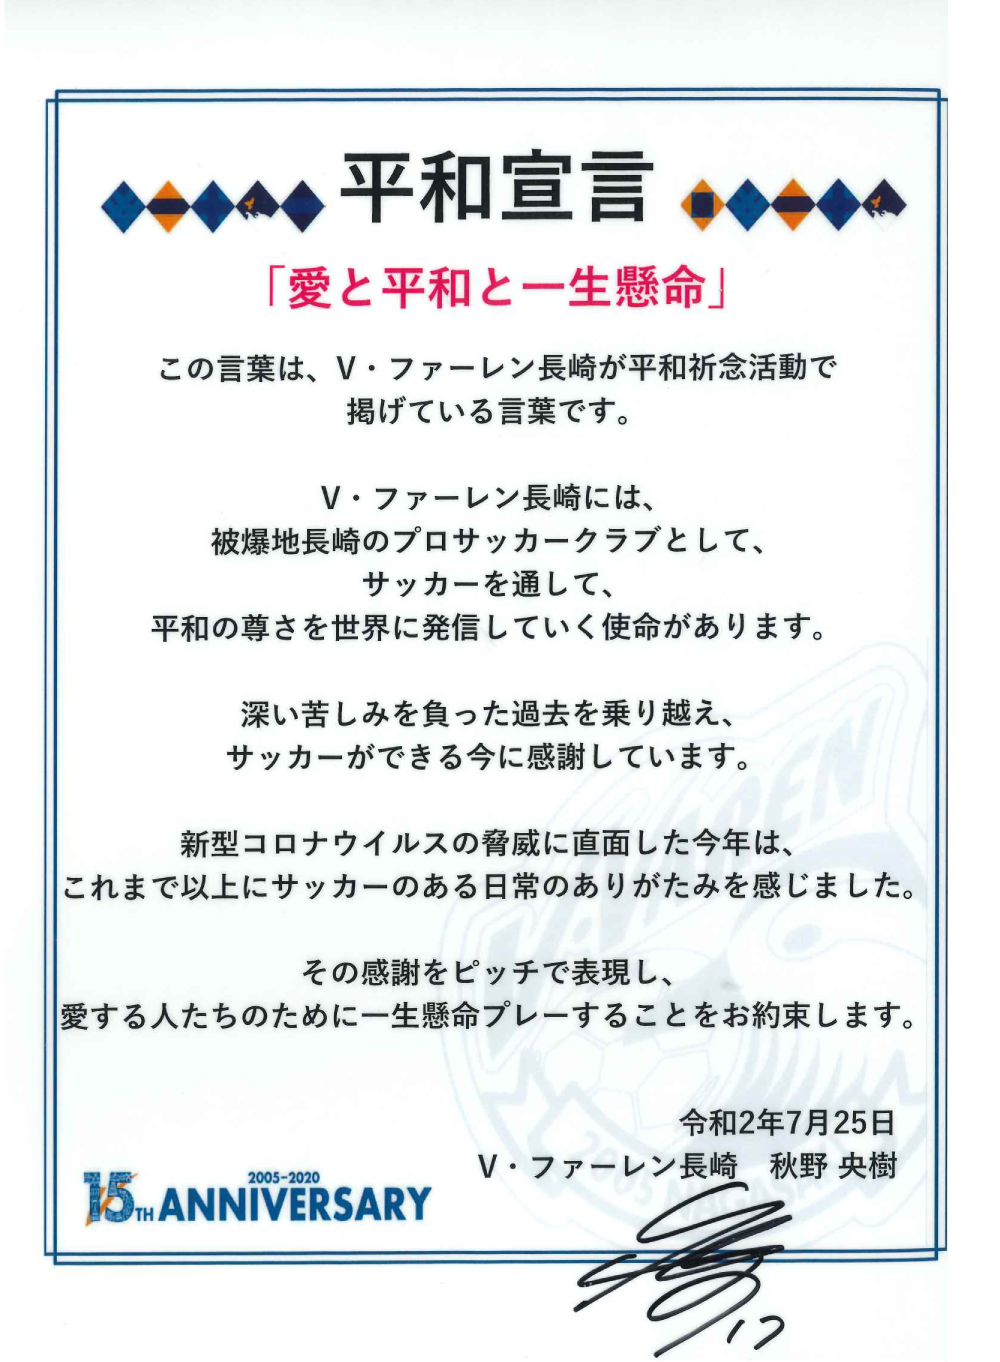 秋野央樹選手による平和宣言